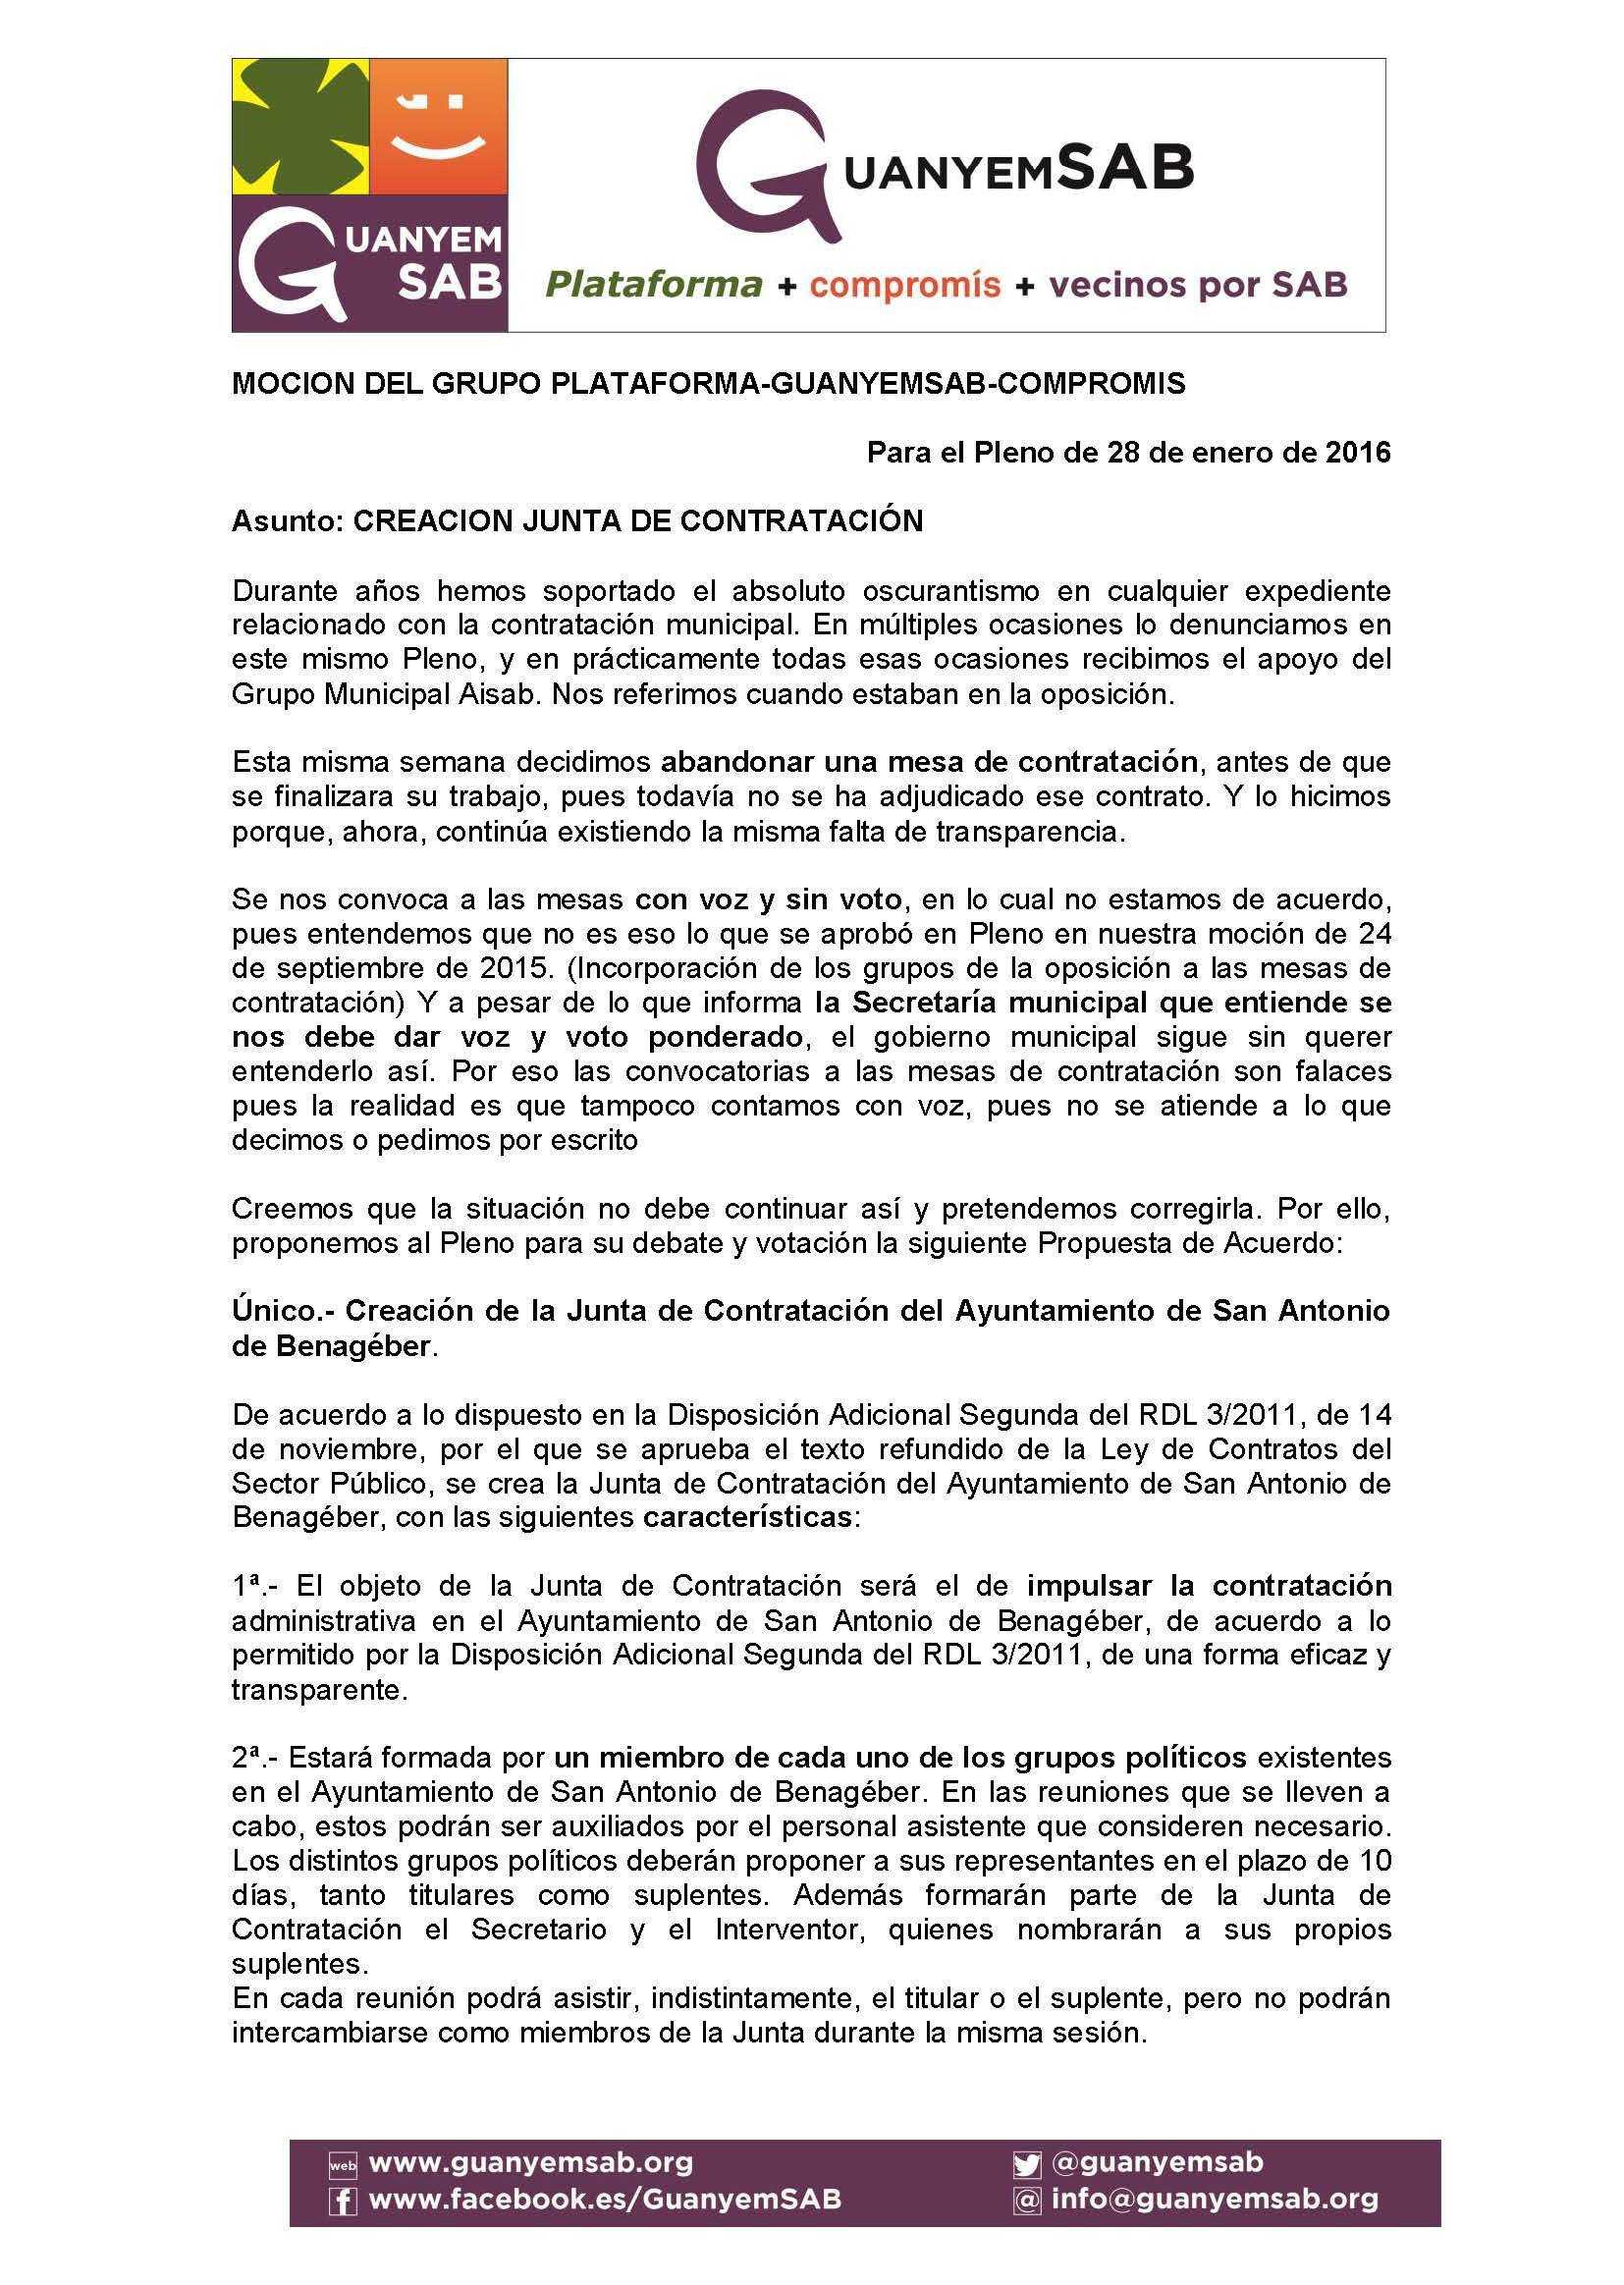 3 - MOCION CREACION JUNTA DE CONTRATACI+ôN_Página_1